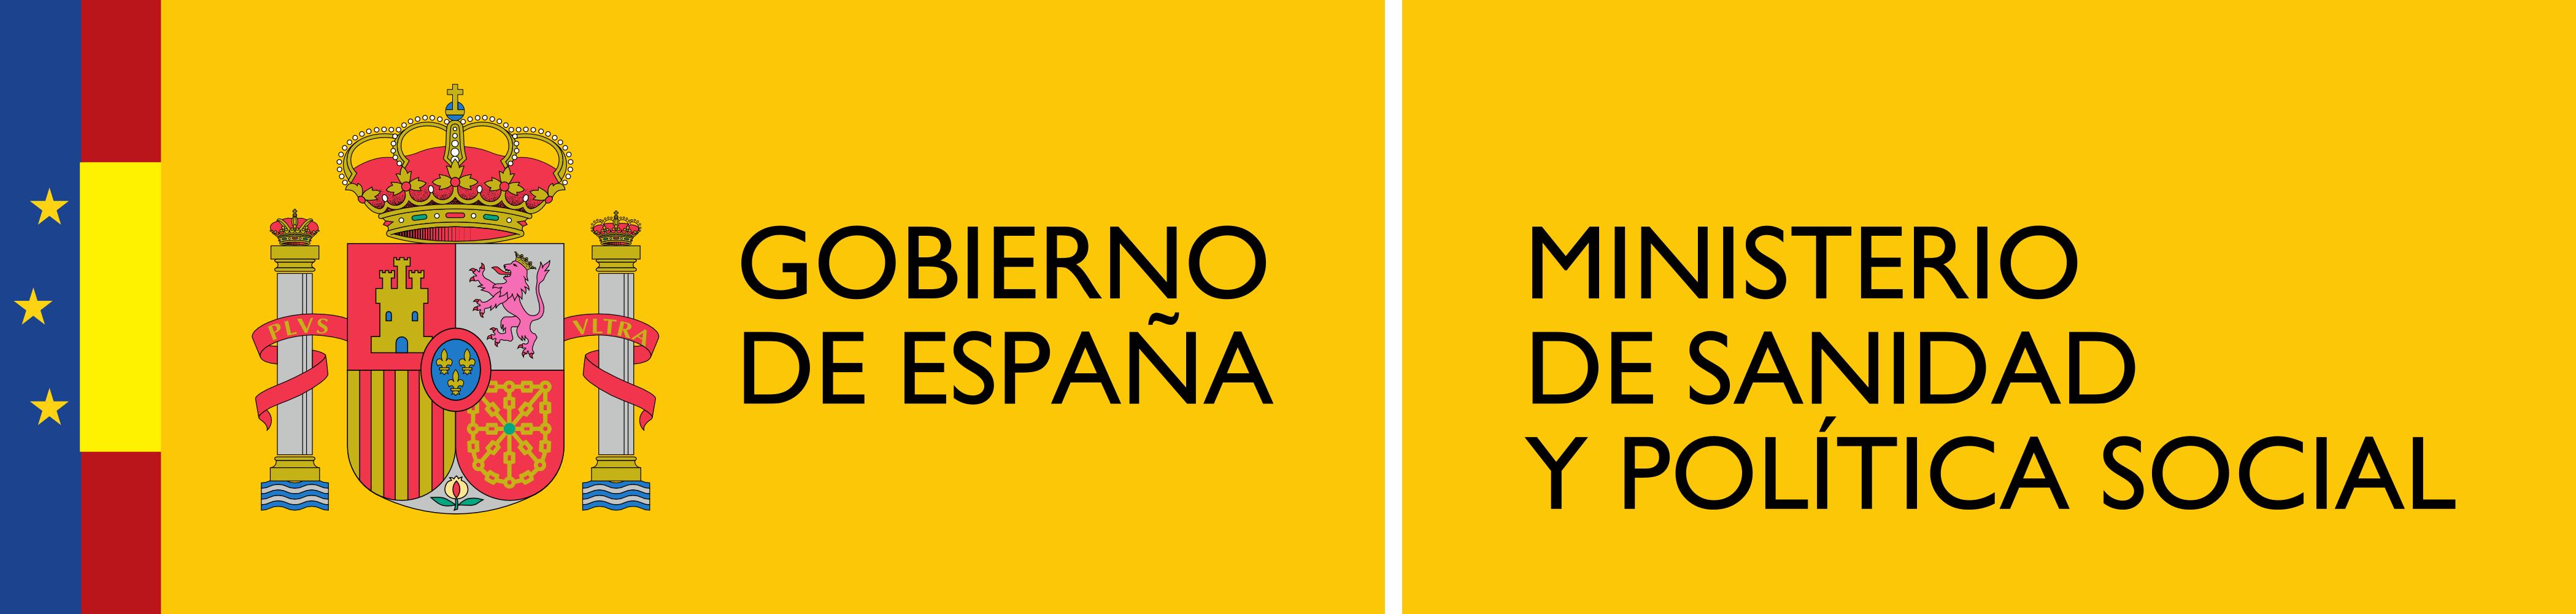 Ministerio_de_Sanidad_y_Politica_Social_